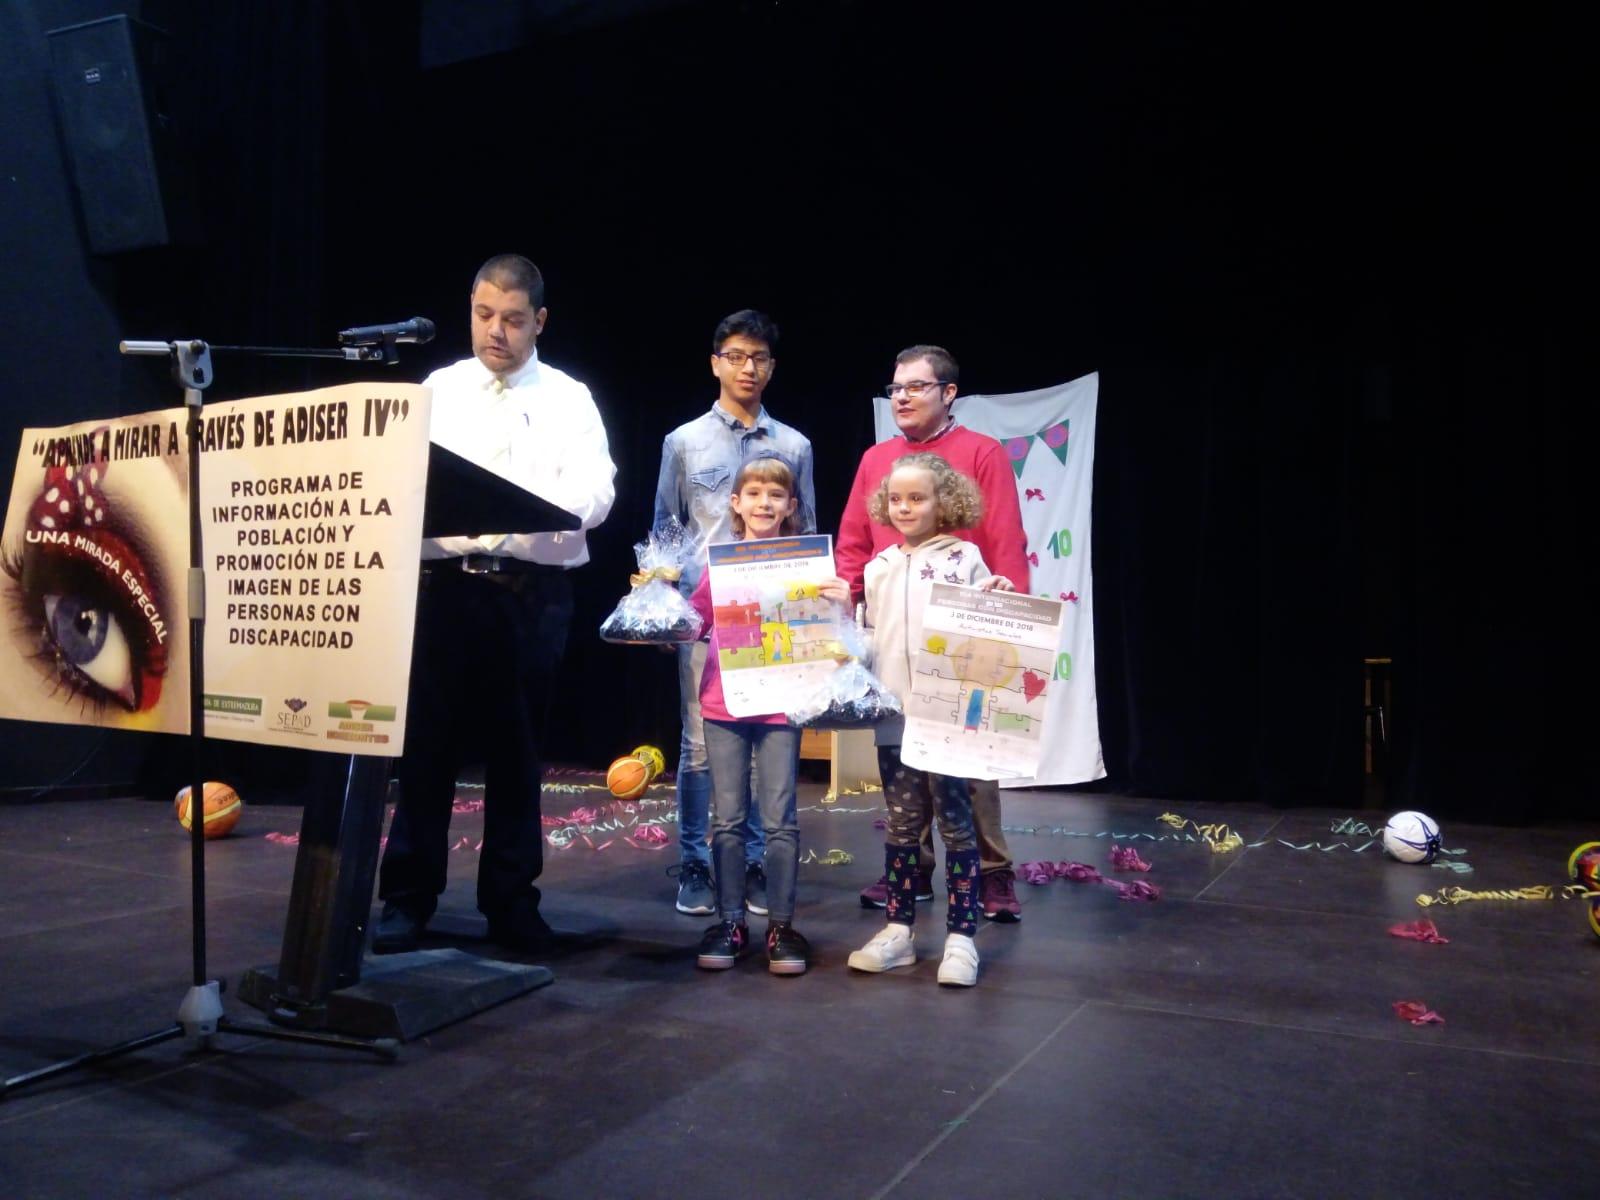 Castuera celebró el lunes 3 de diciembre el Día Internacional de las Personas con Discapacidad